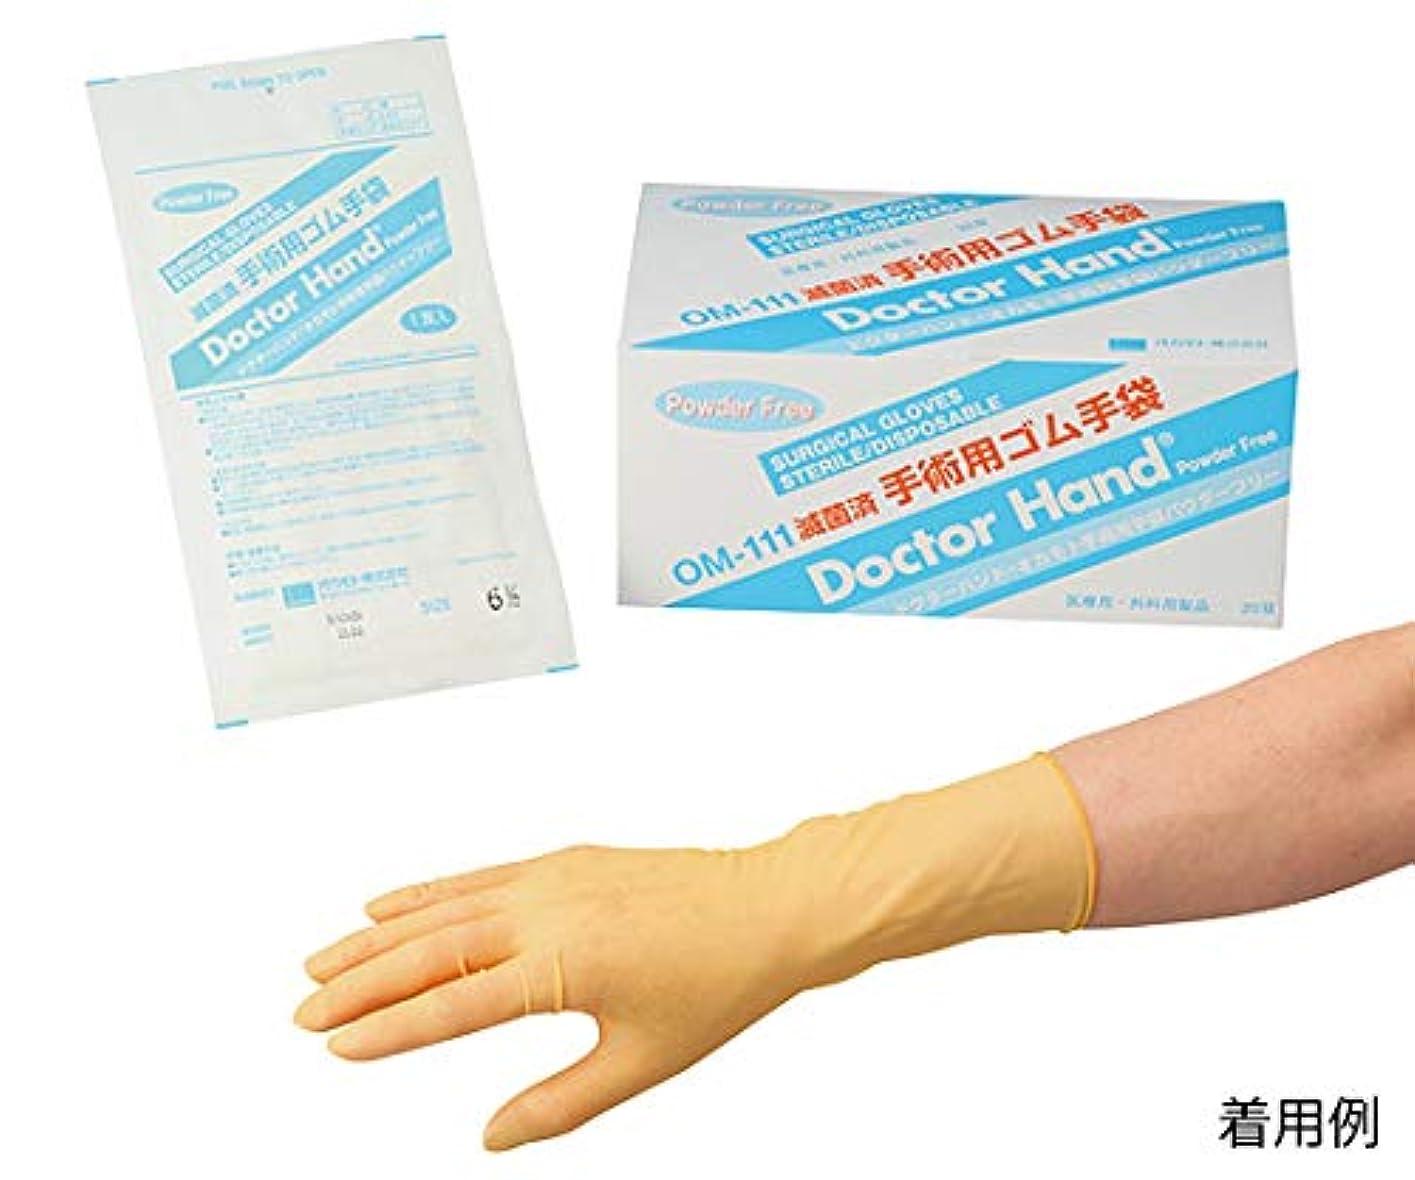 タイプアベニューパイプラインオカモト手術用手袋 パウダーフリー 7.5号 20双入 OM-111